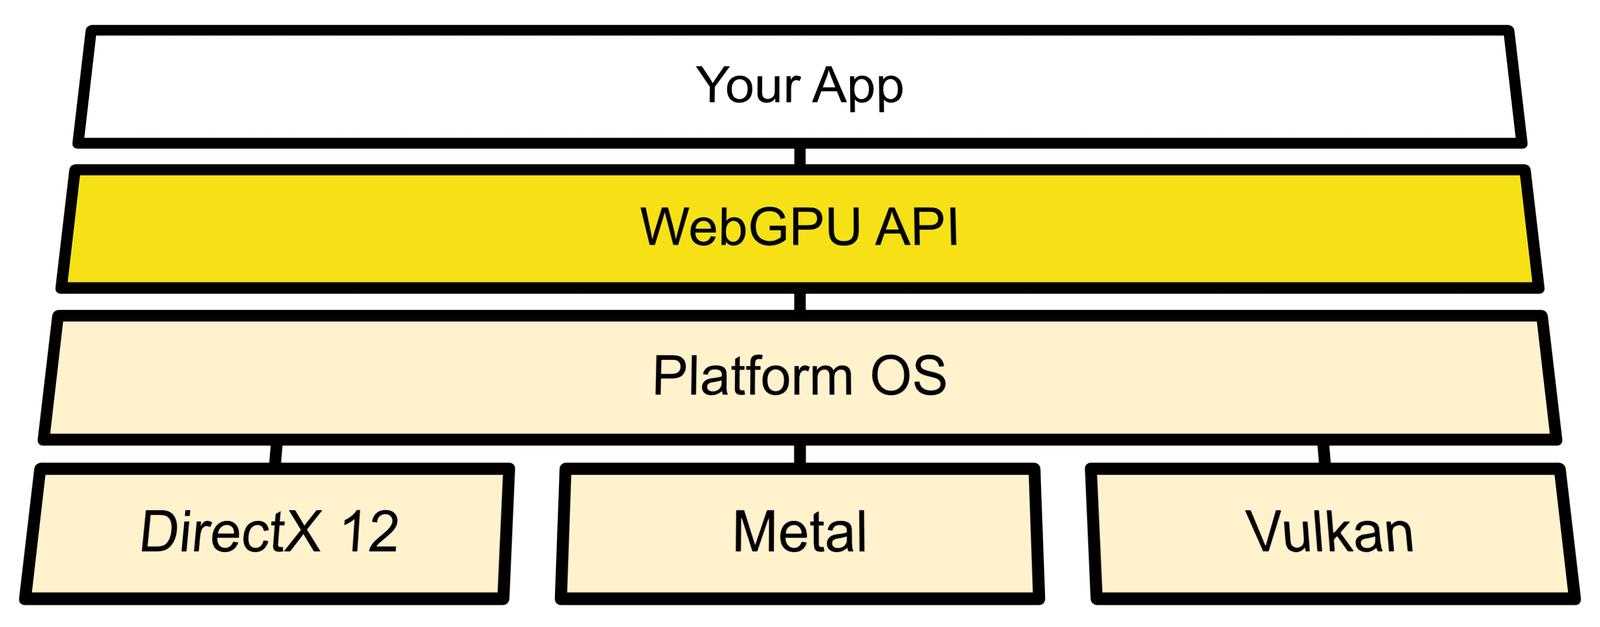 WebGPU